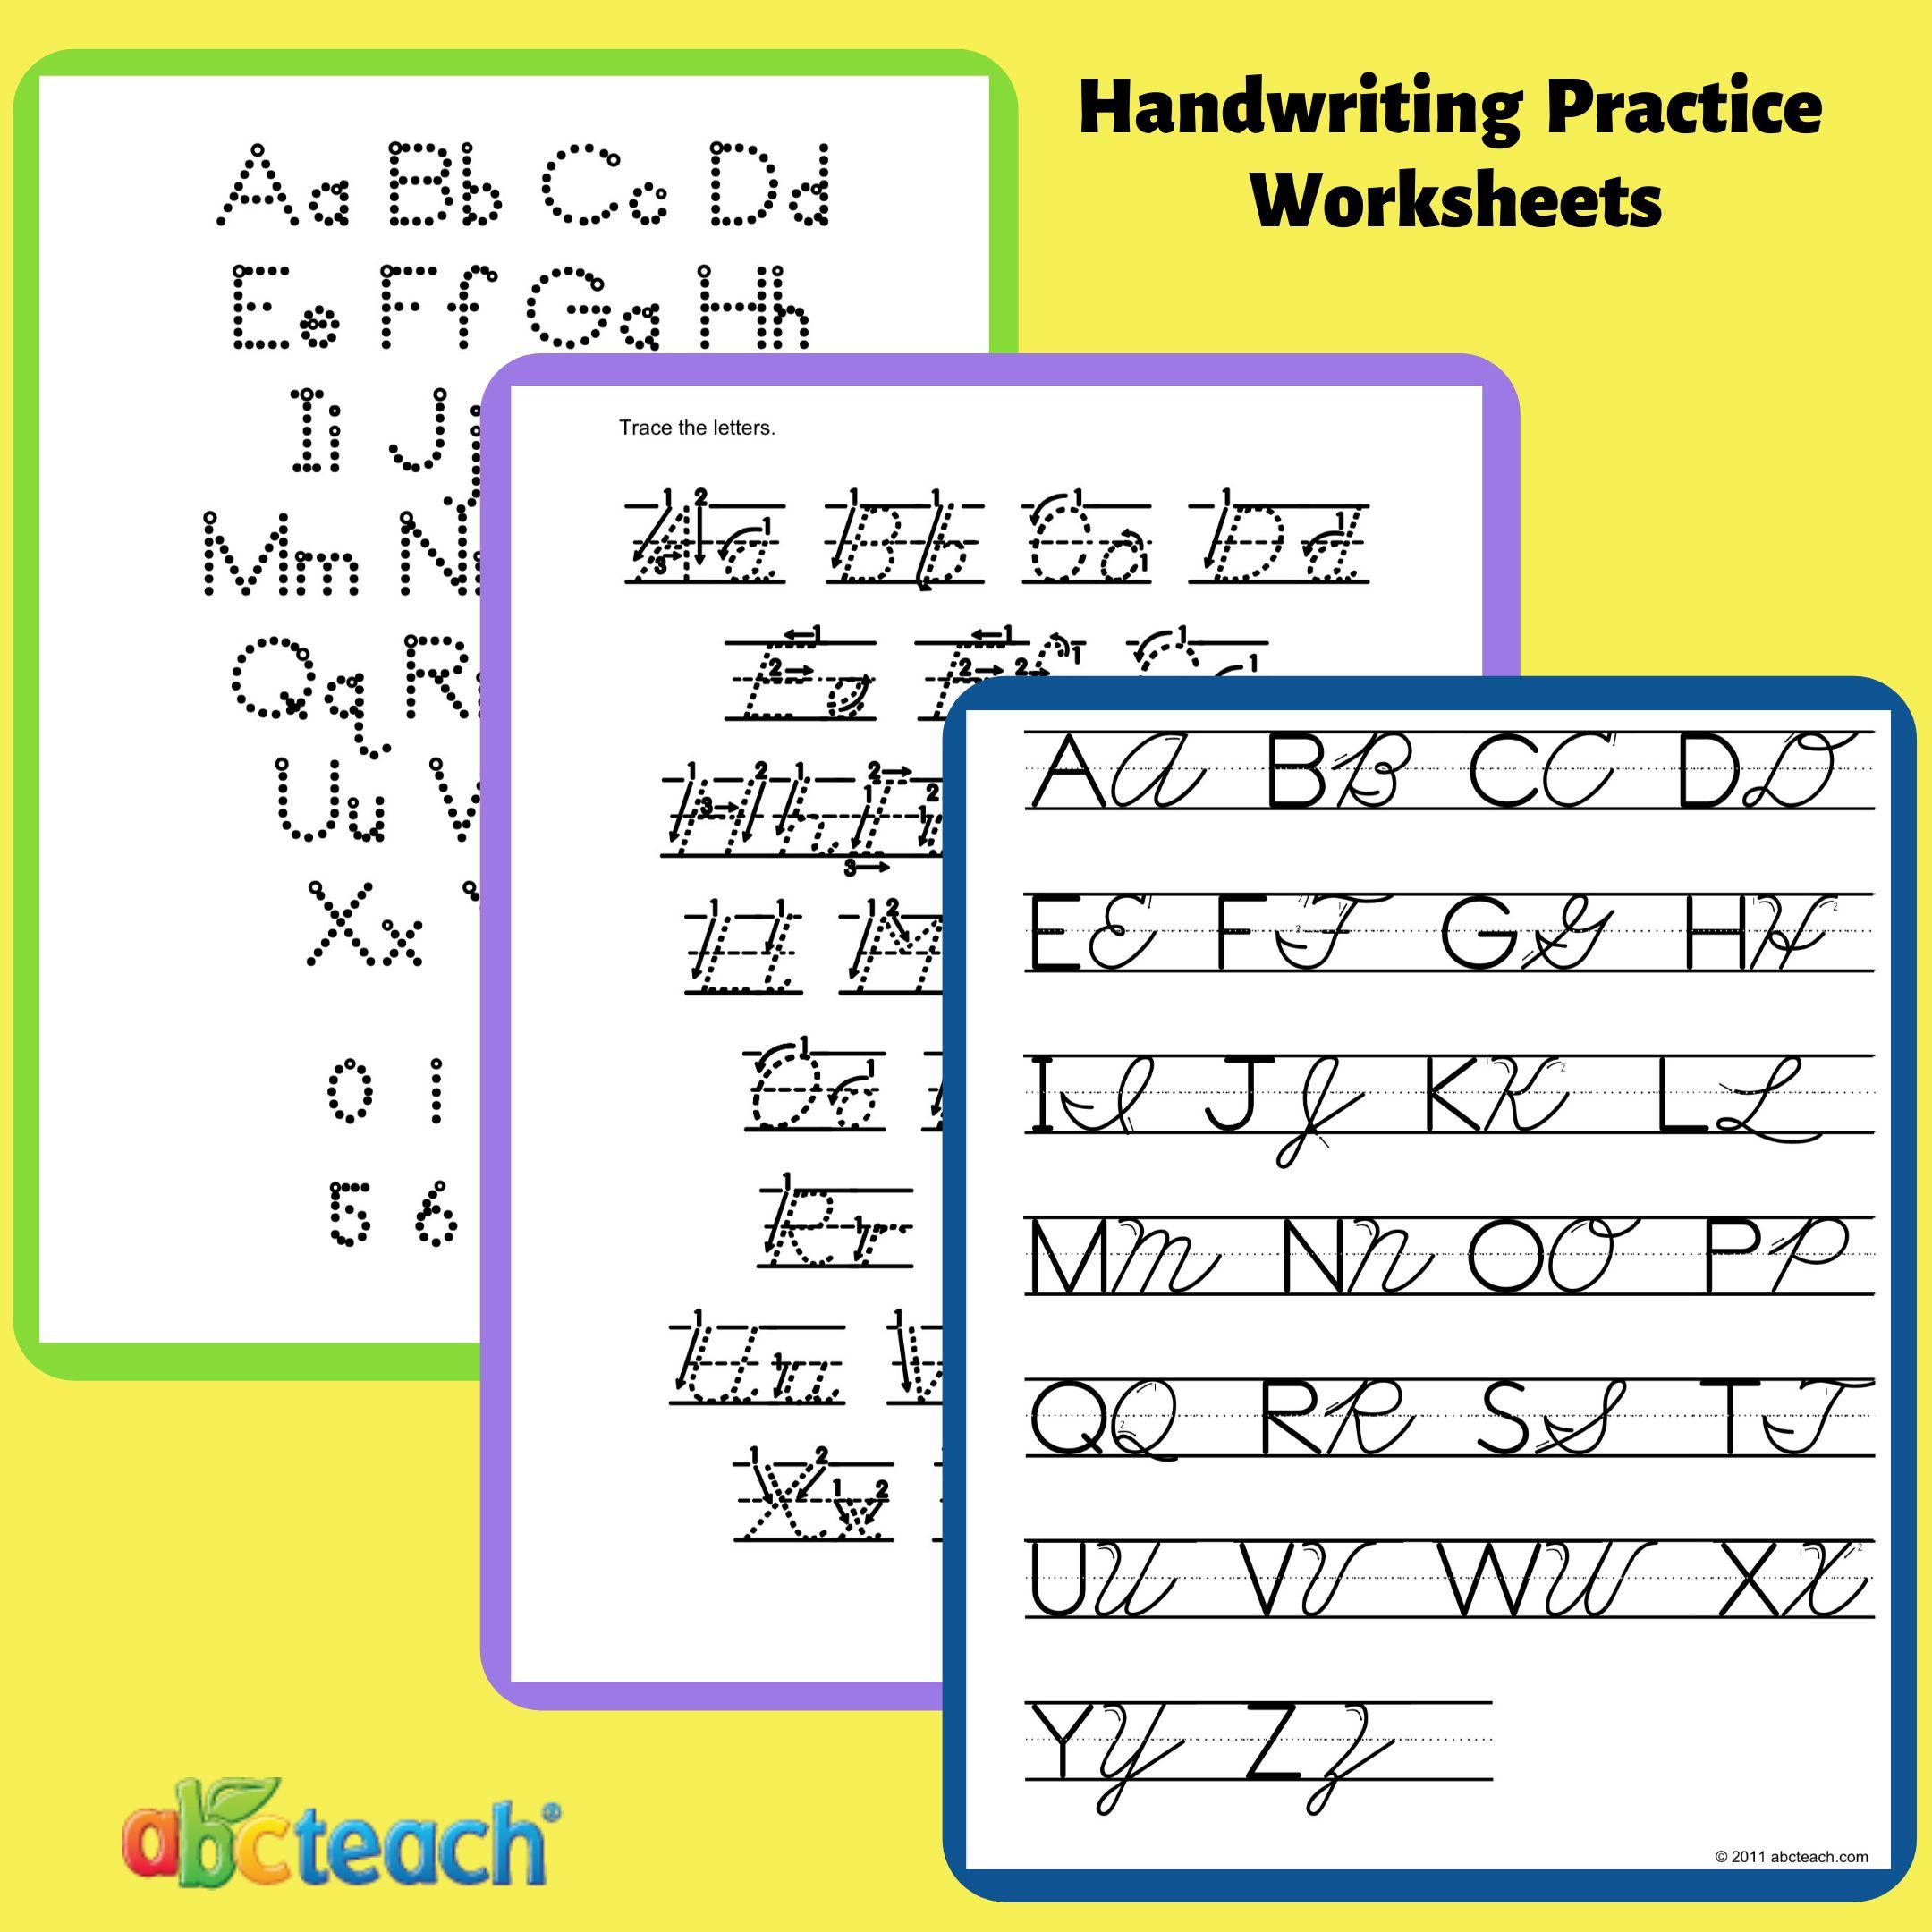 Handwriting Practice In 2021 Handwriting Practice Manuscript Handwriting Handwriting Worksheets [ 2160 x 2160 Pixel ]